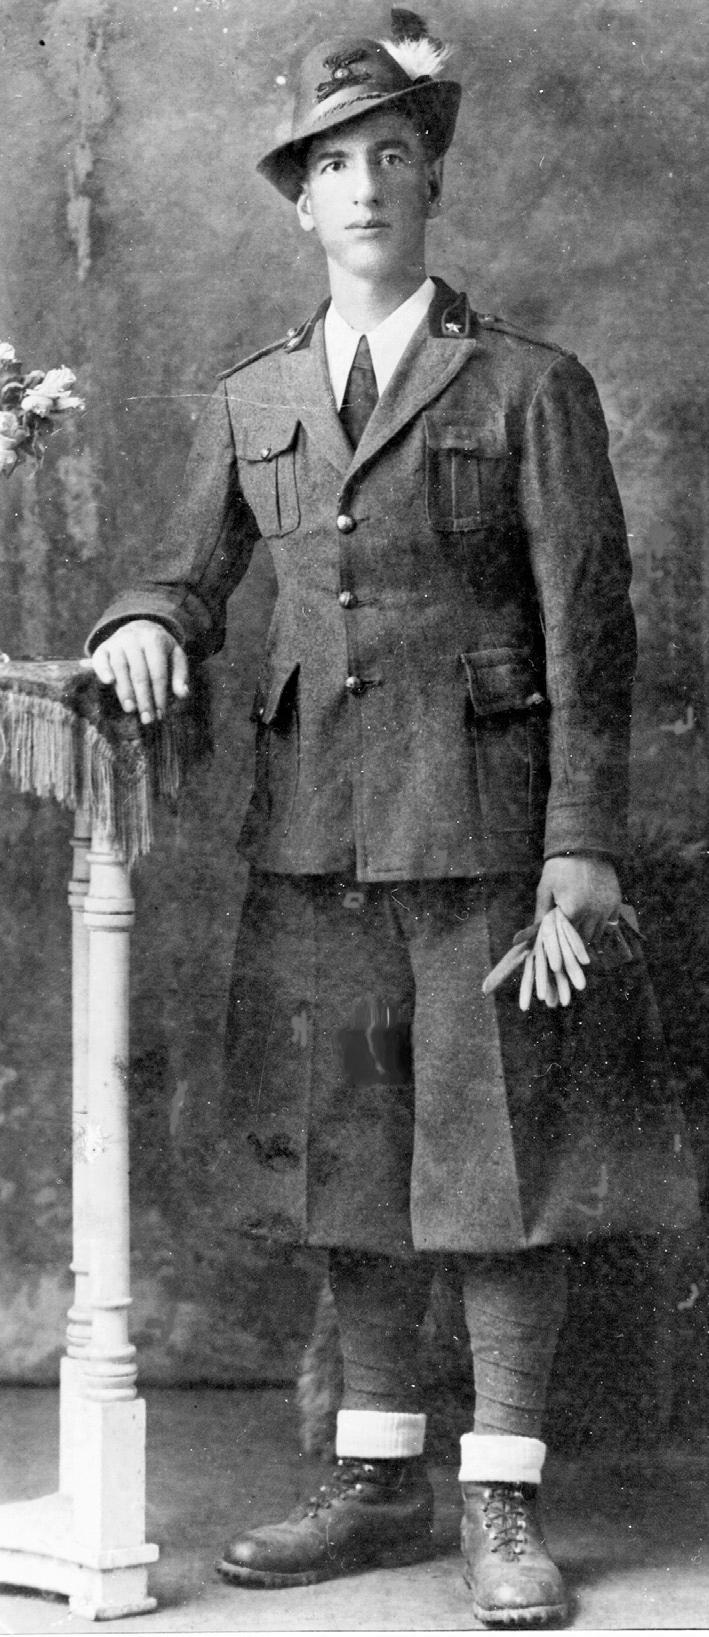 1938, l'Artigliere Alpino Bettin Romeo al 6° Reggimento Artiglieria.